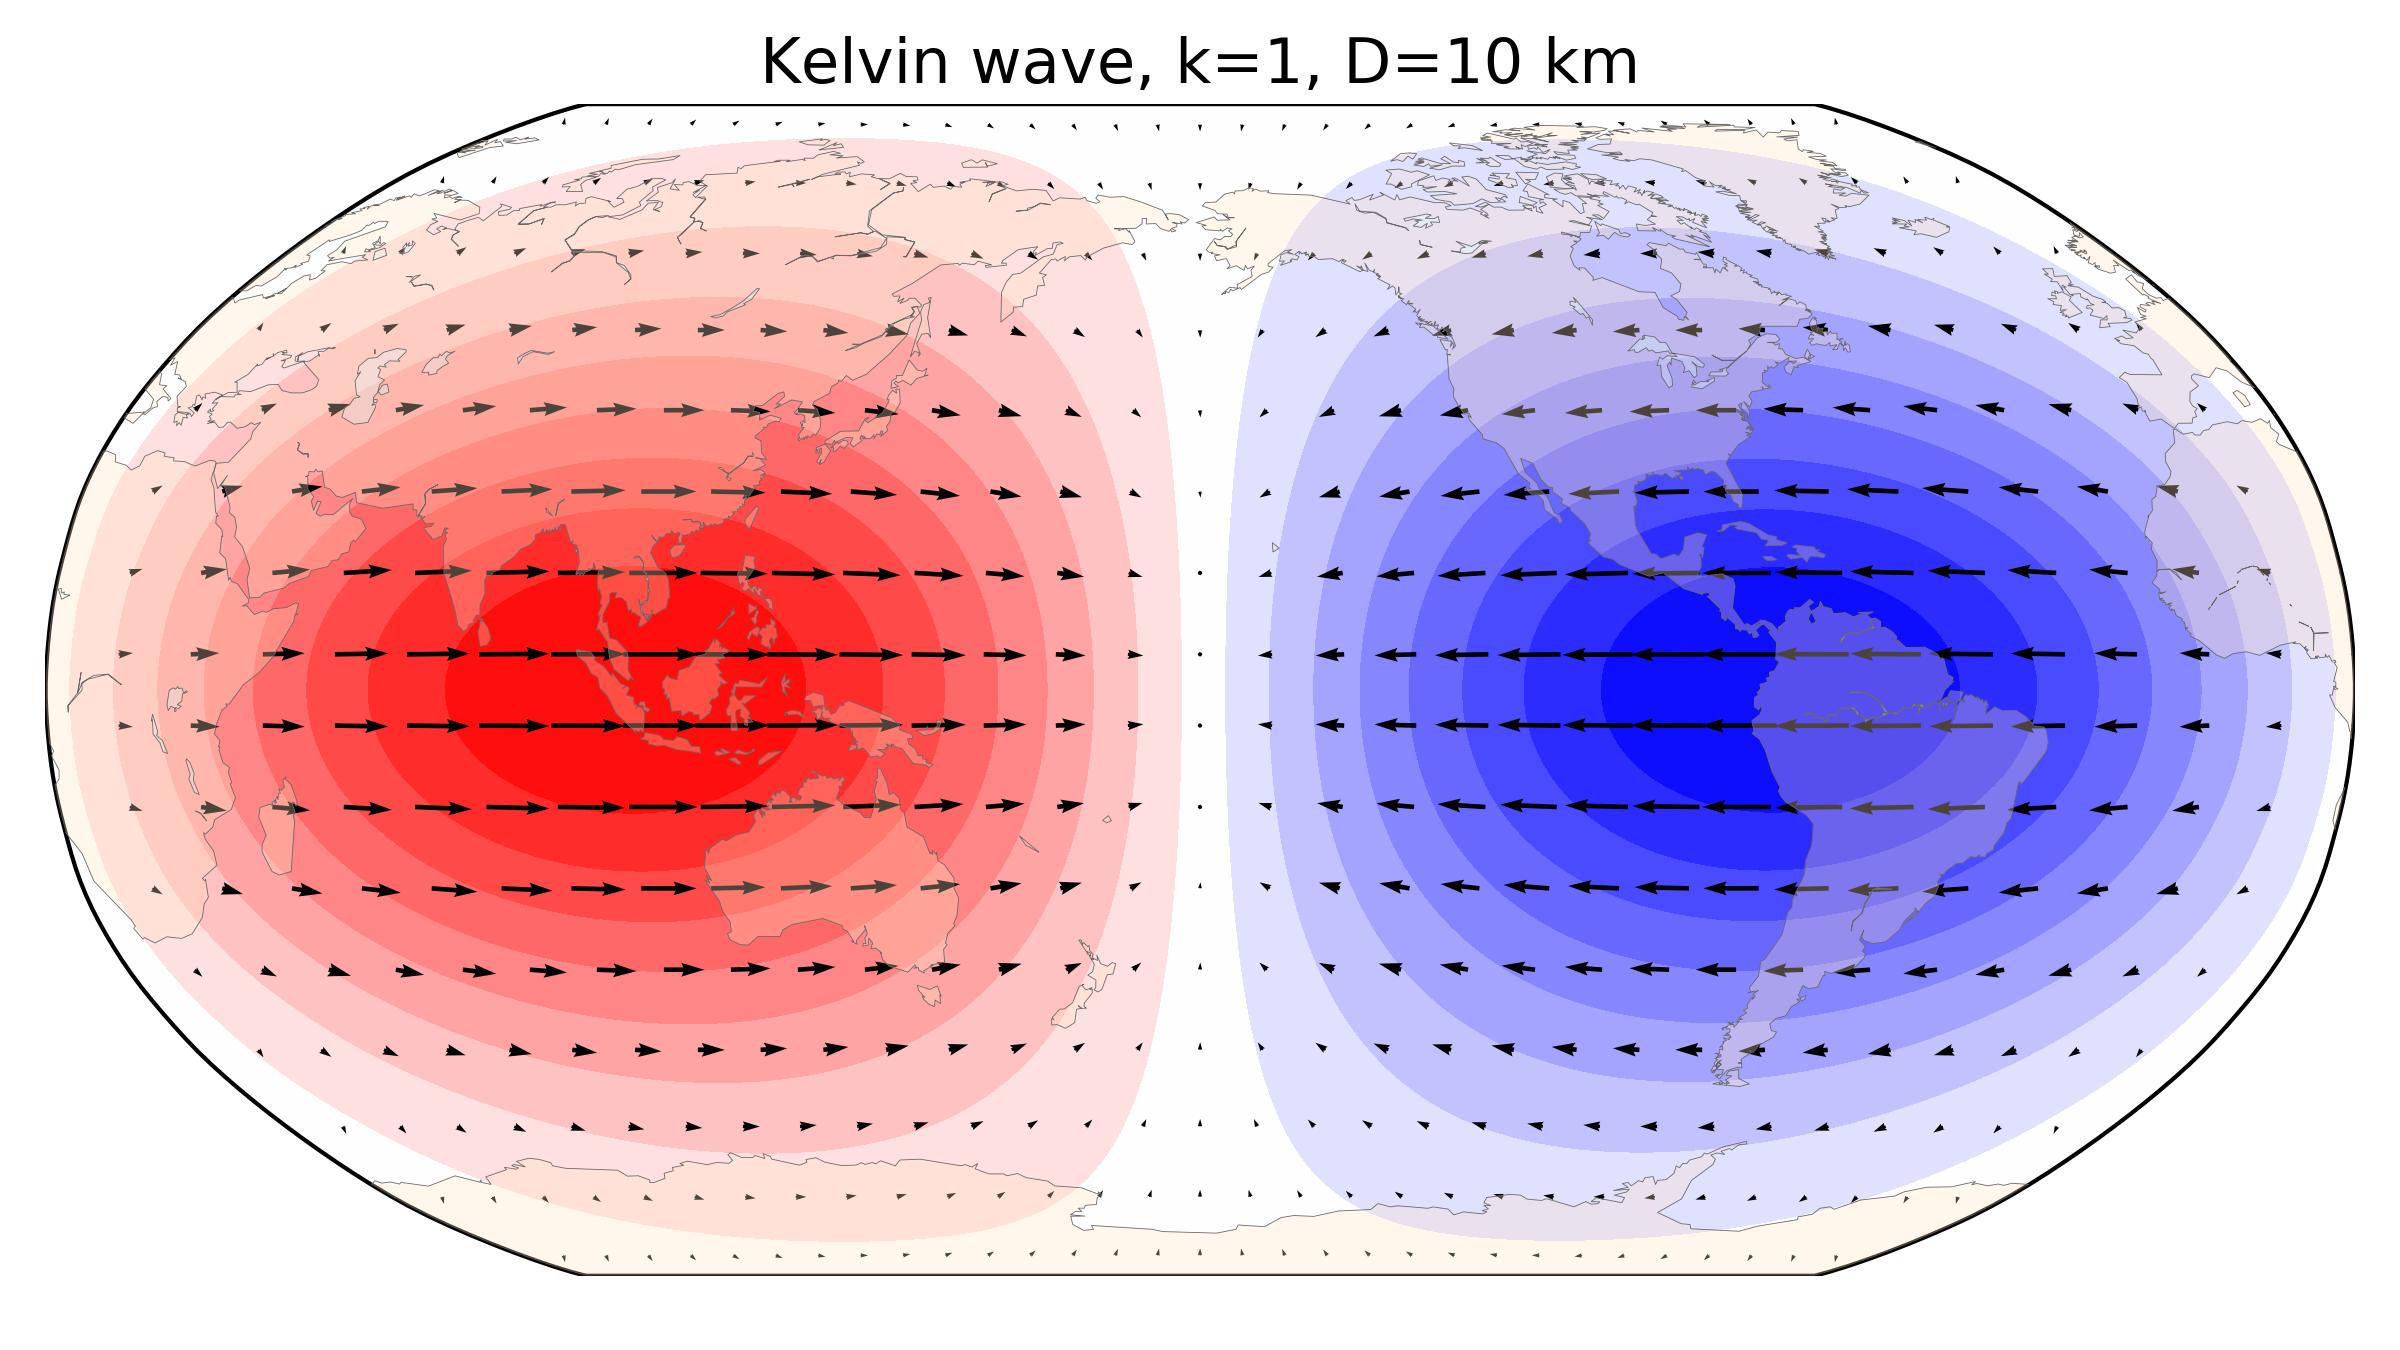 HoughHarmonic_Kelvin_k1_D10km